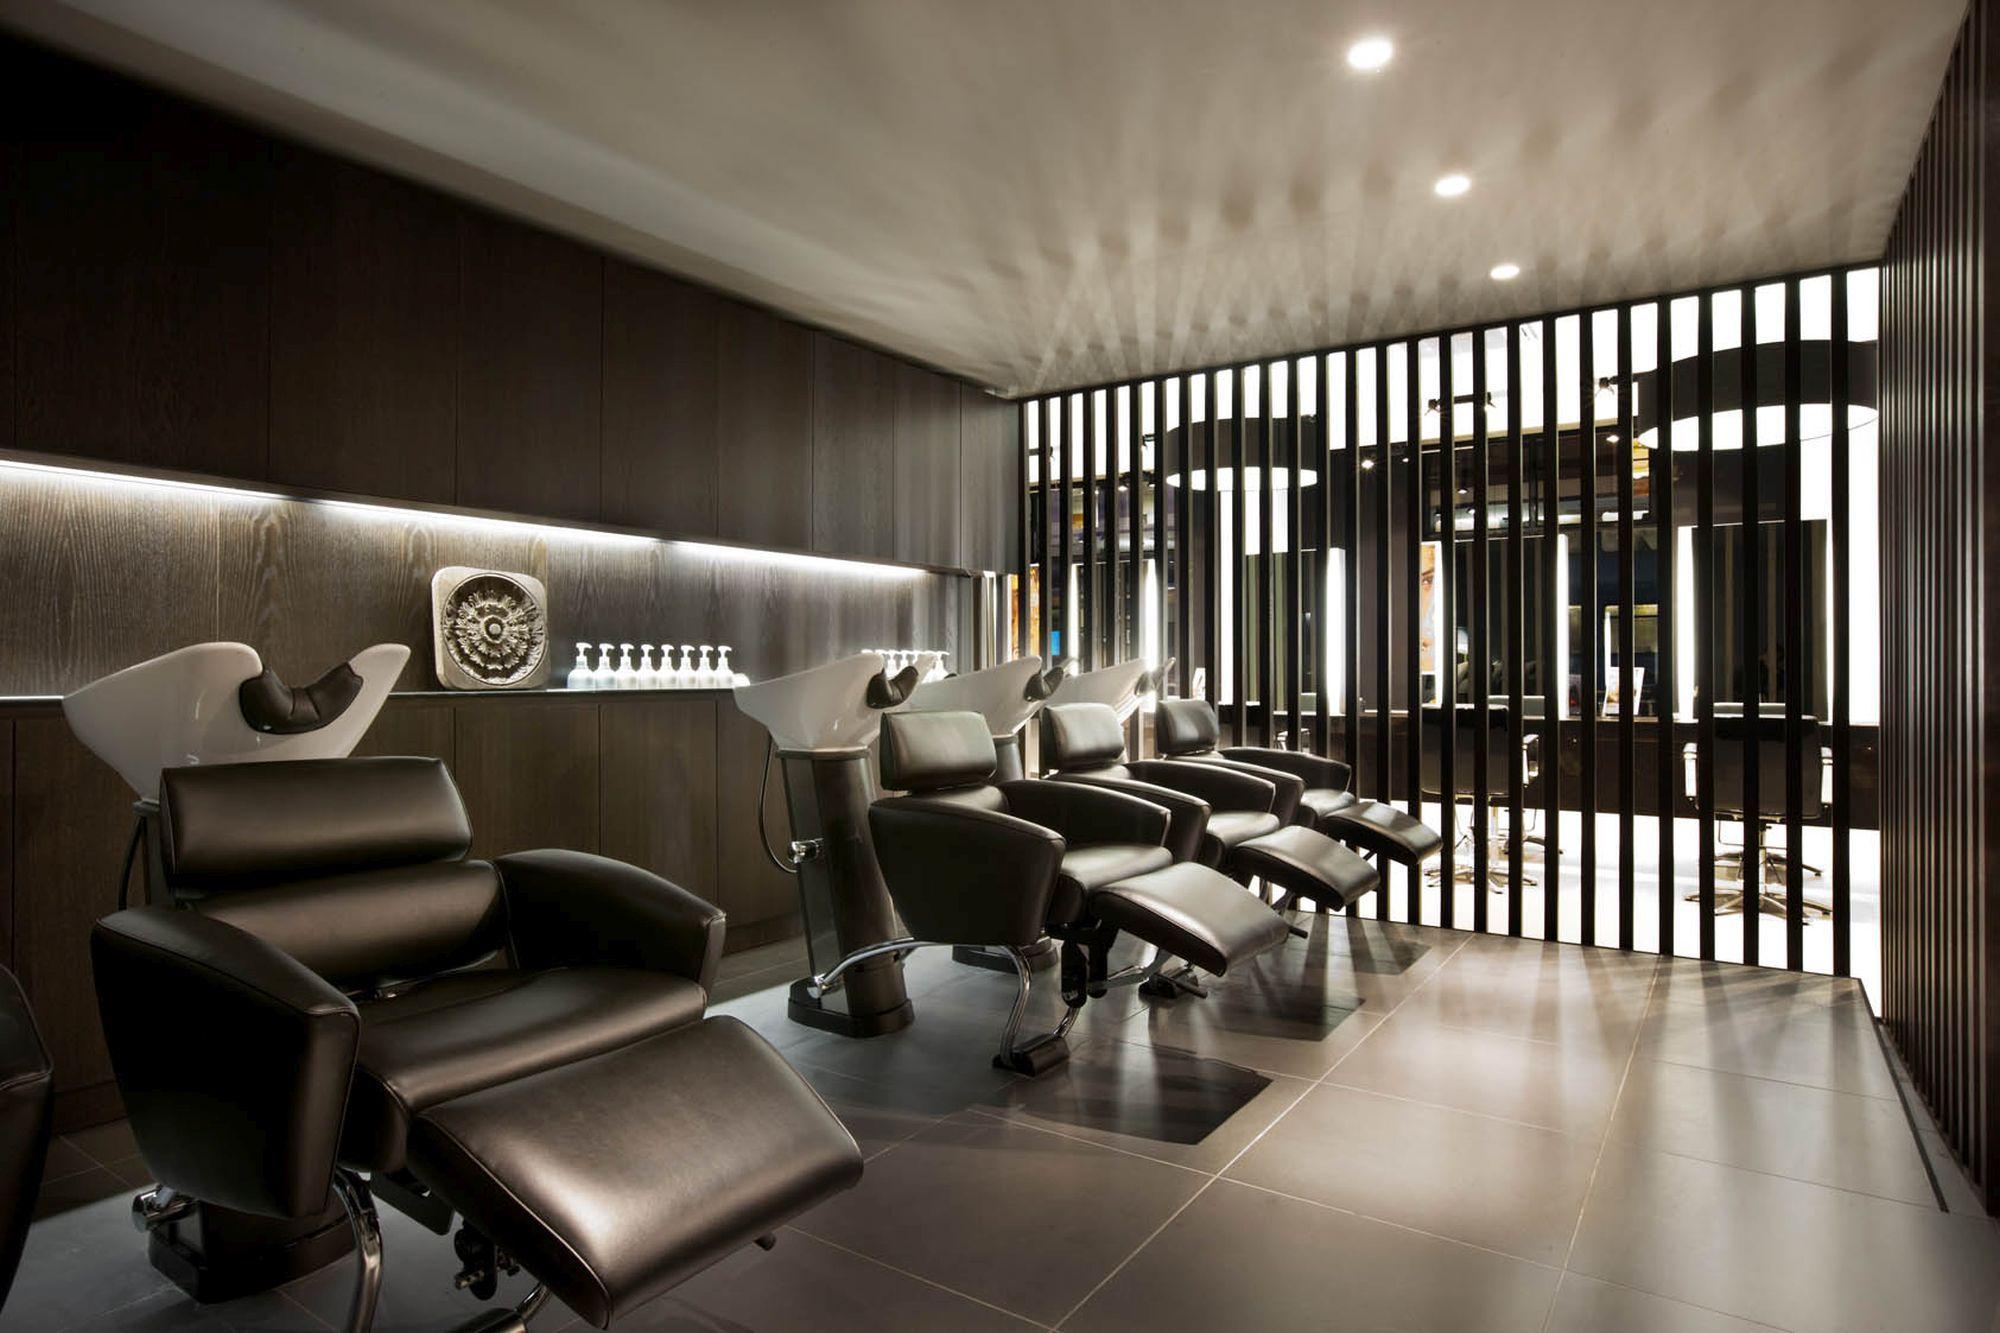 ΑποτέΠεσμα εικόνας για hairsalon design HAIR SALON